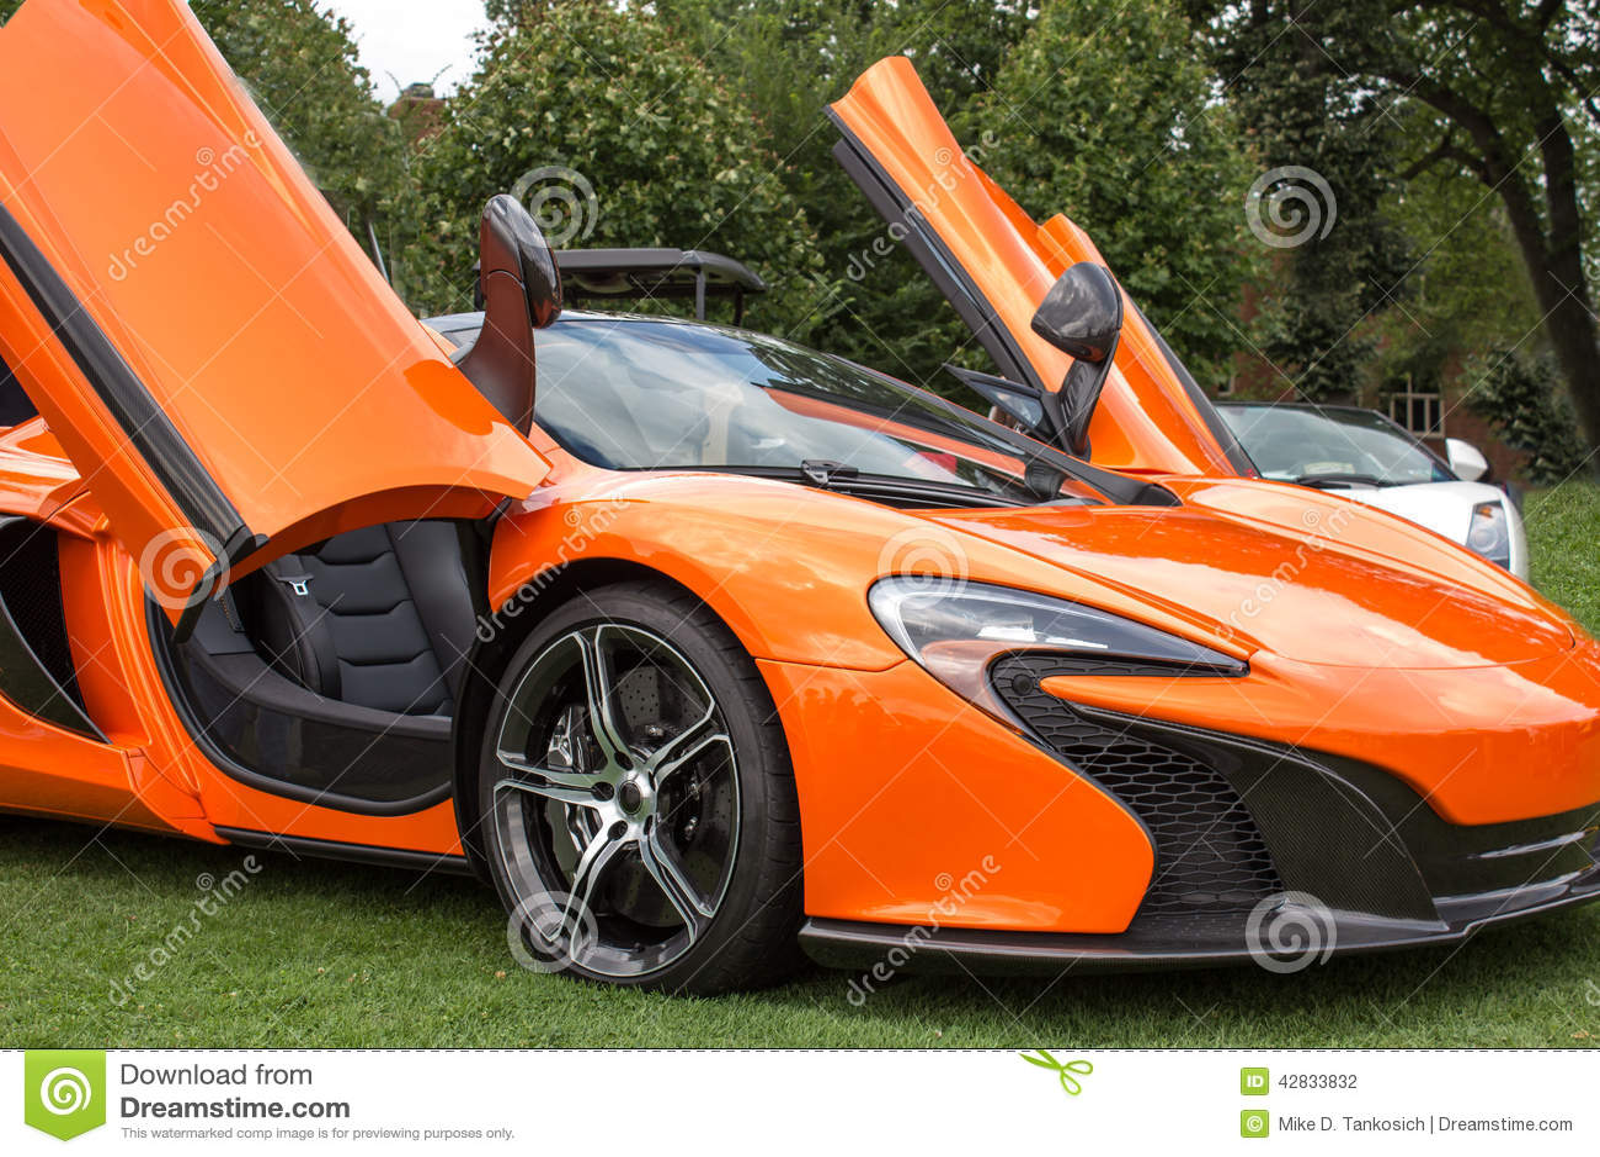 C t droit orange de voiture de sport photo stock image - Image de voiture de sport ...